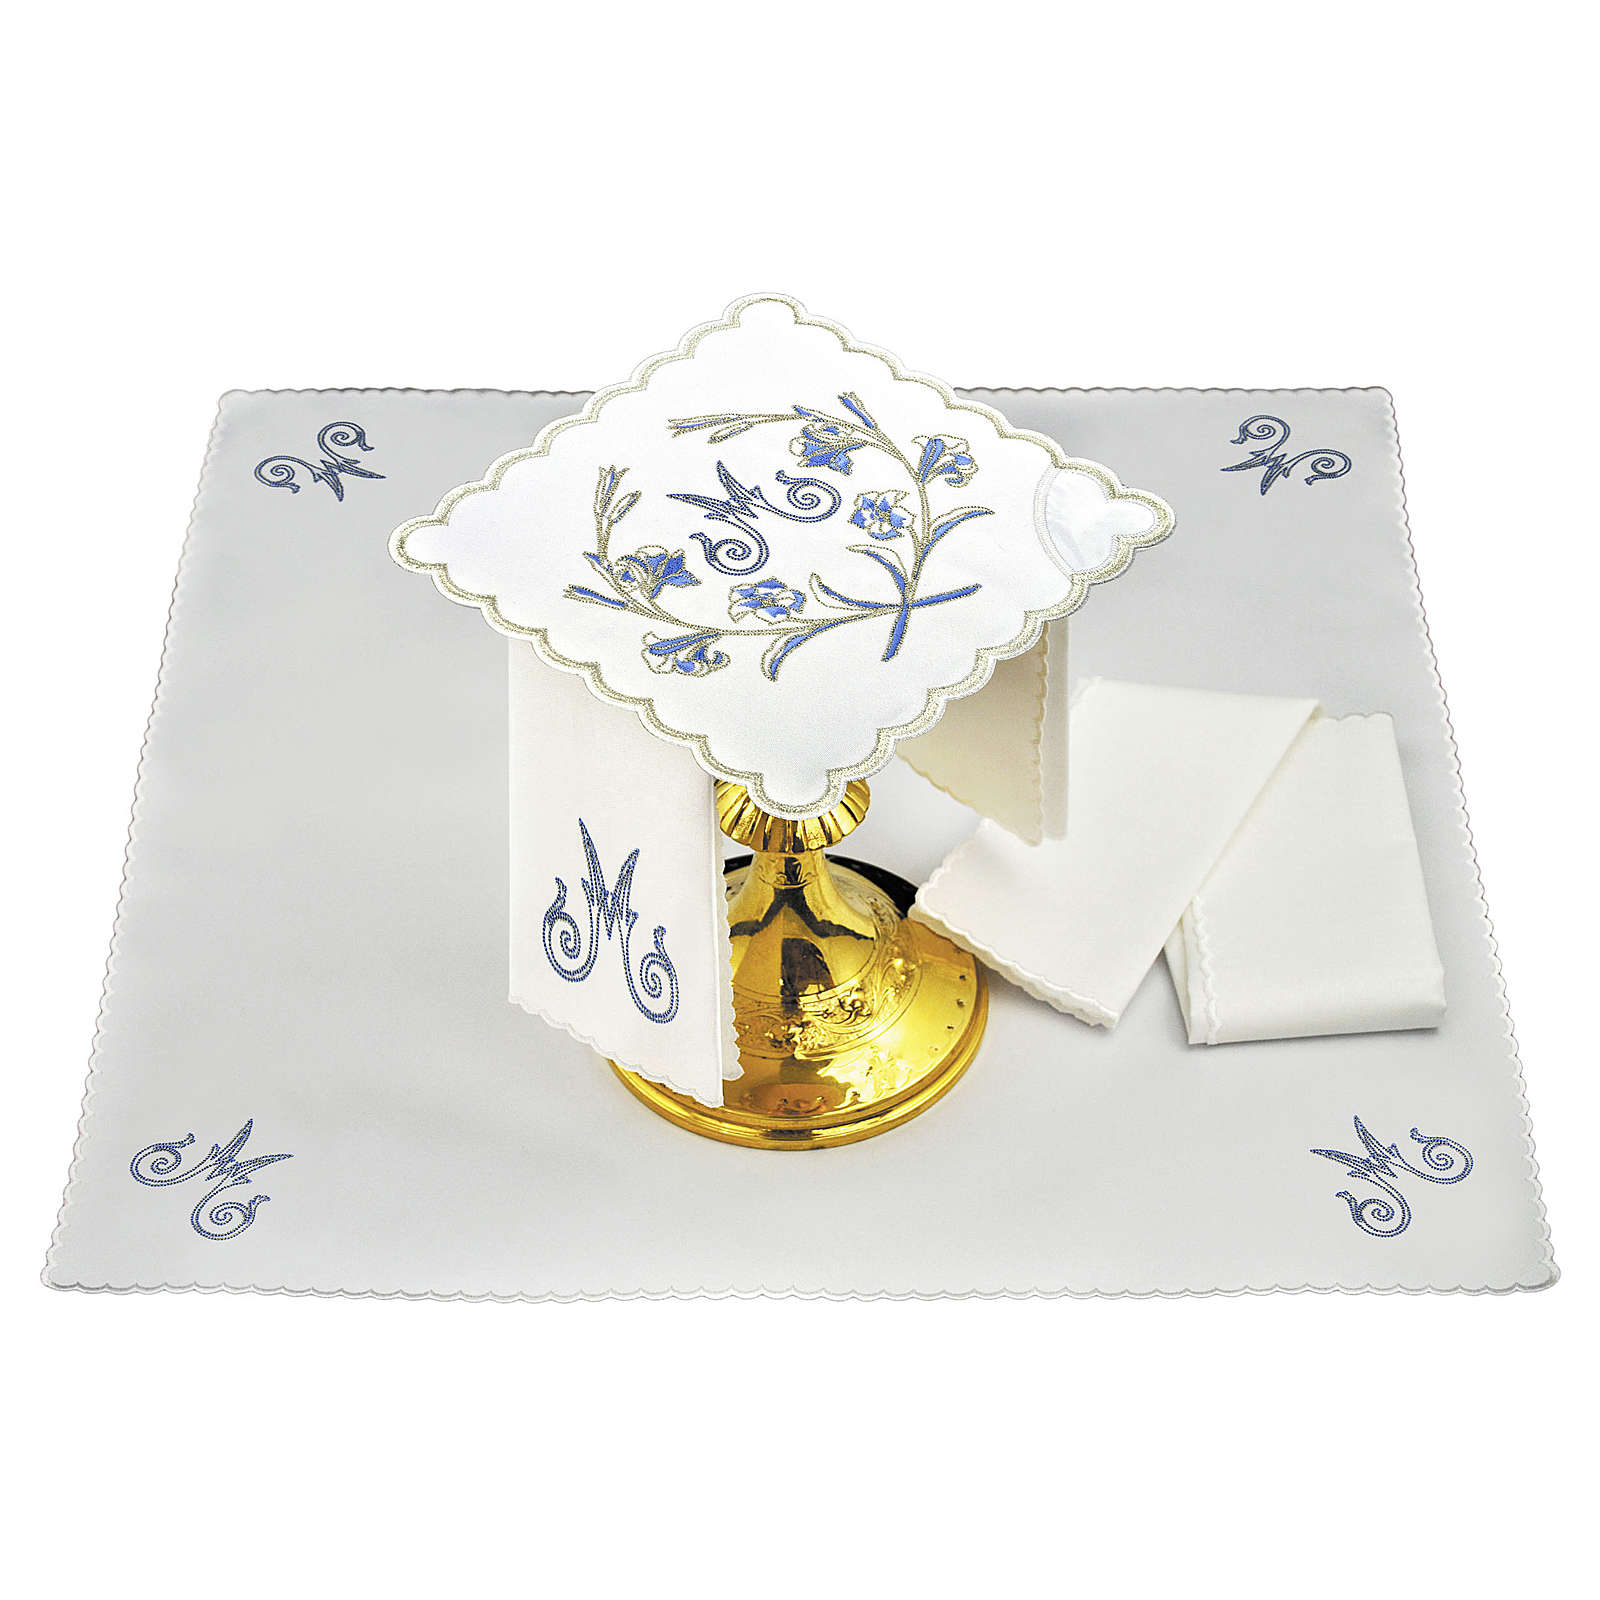 Set linge autel coton M mariale gris bleu clair avec fleurs 4